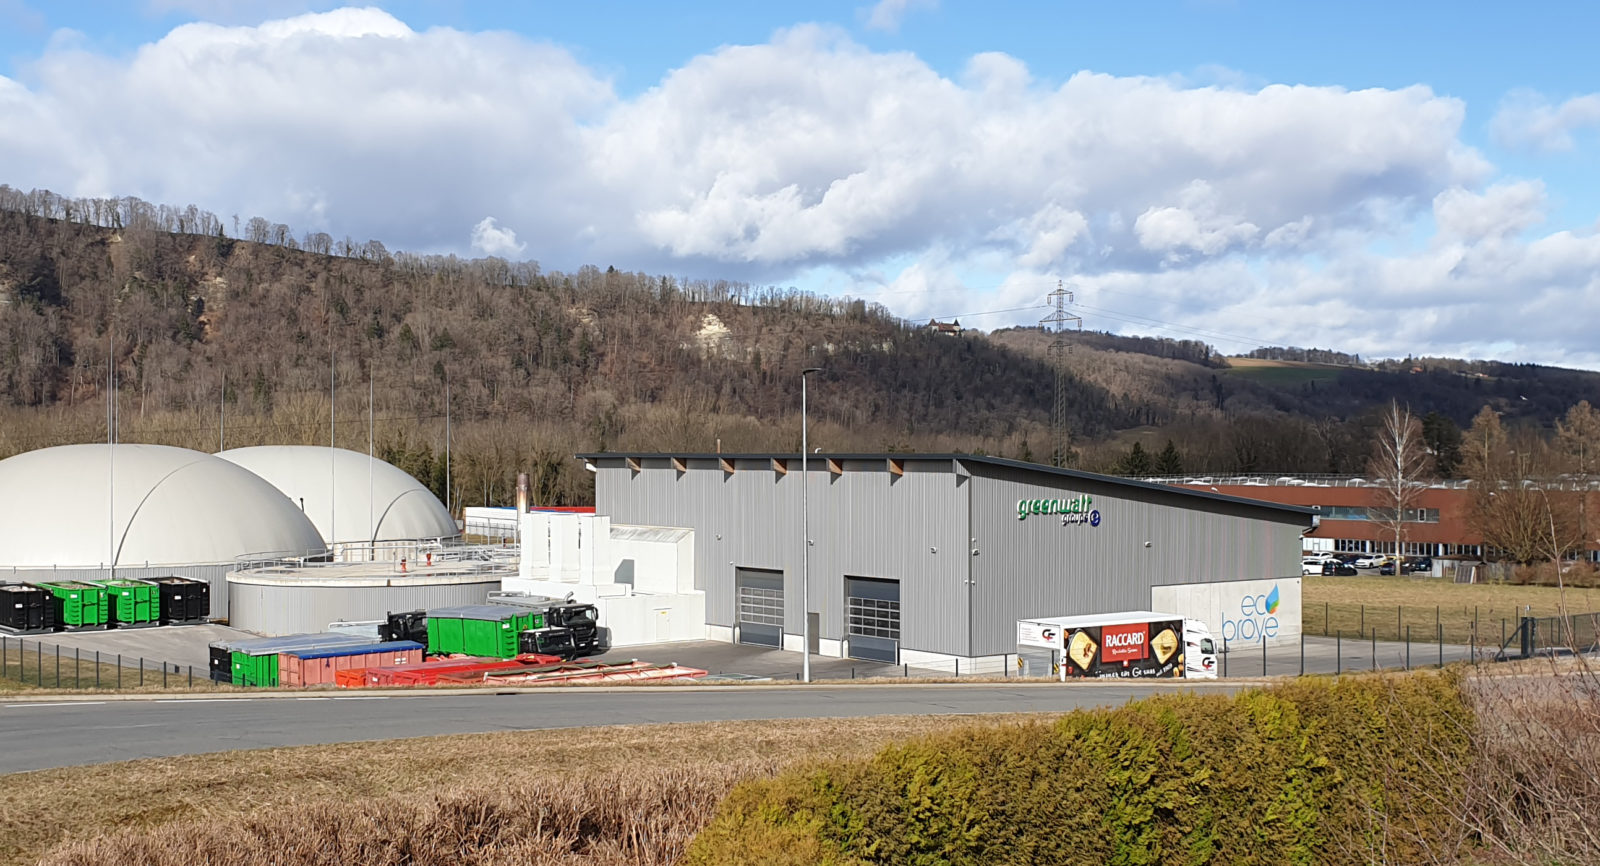 Groupe E Greenwatt haben im Jahr 2016 zusammen mit Nestlé Waters und 30 Landwirtschaftbetrieben der Region als Partner die Biogasanlage im Industriegebiet Treize-Cantons des waadtländischen Ortes Seigneux in Betrieb genommen.